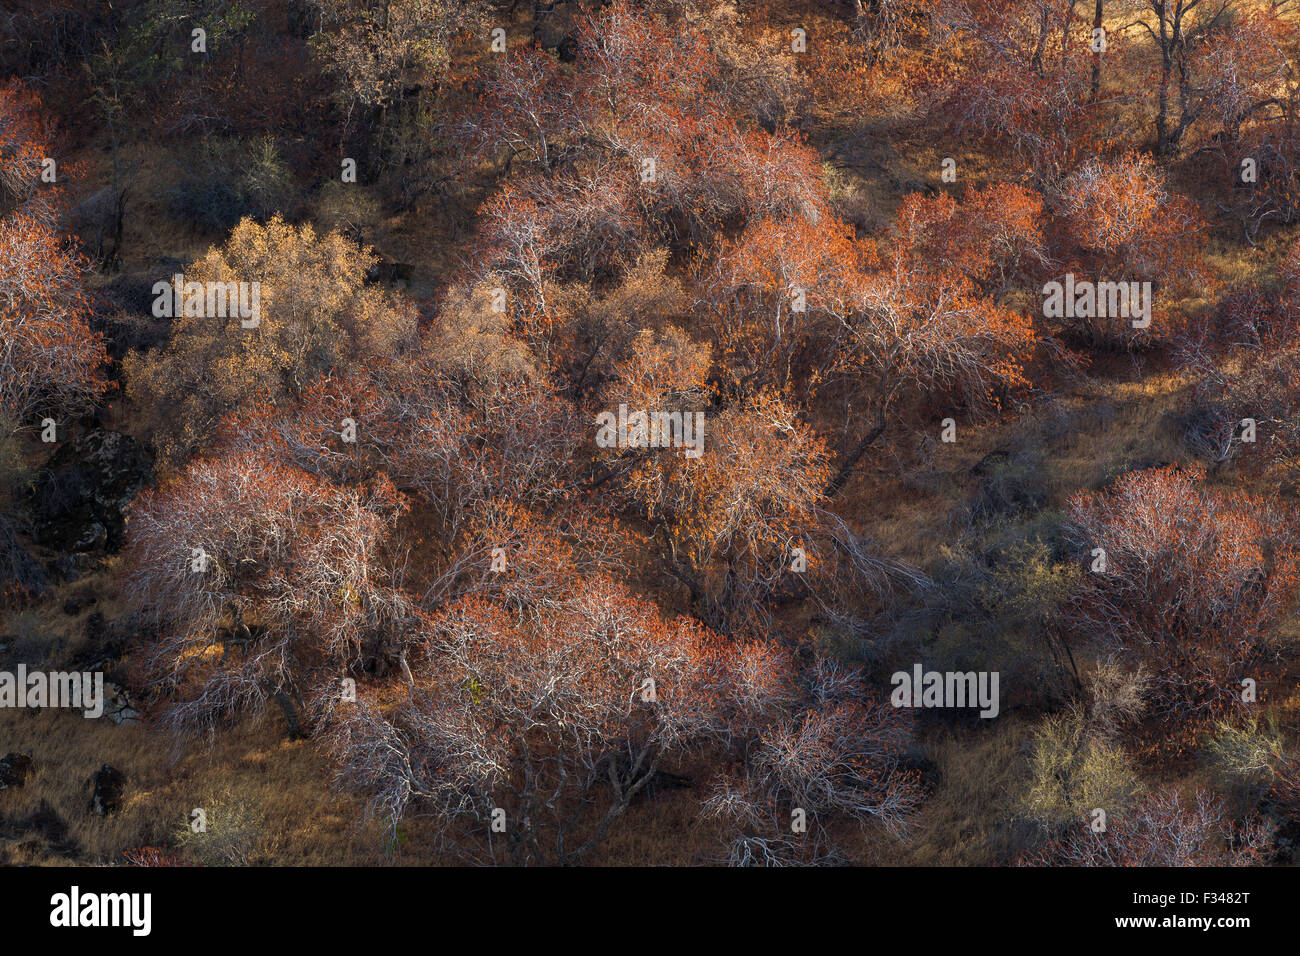 Buckeye alberi cattura il tardo pomeriggio di luce, Sequoia National Park, California, Stati Uniti d'America Immagini Stock